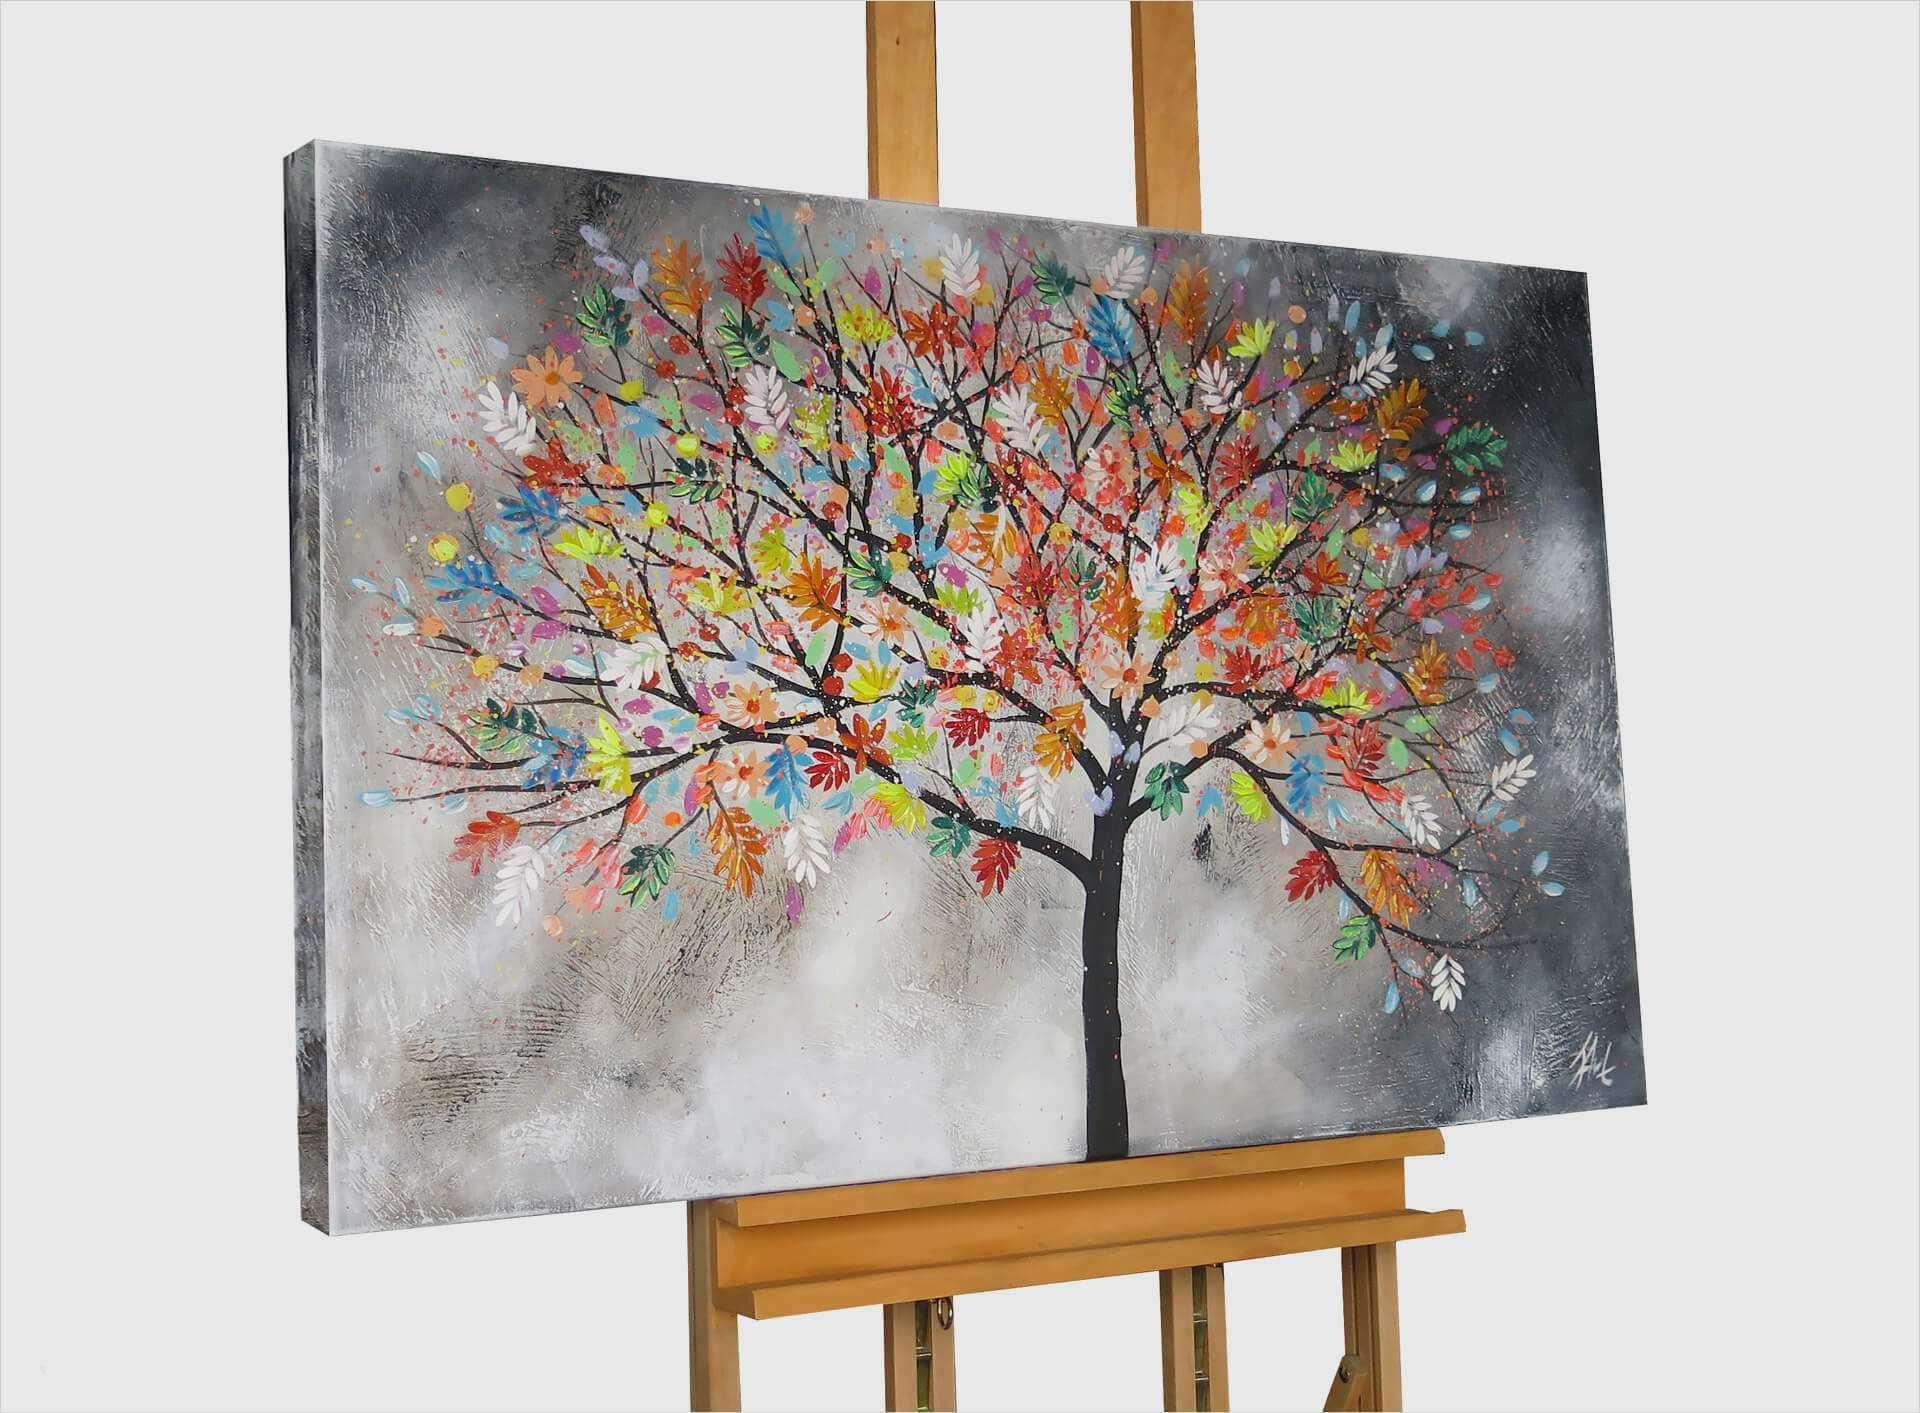 Süß Malen Mit Acryl Vorlagen Ebendiese Können Anpassen Für mit Vorlagen Für Acrylbilder